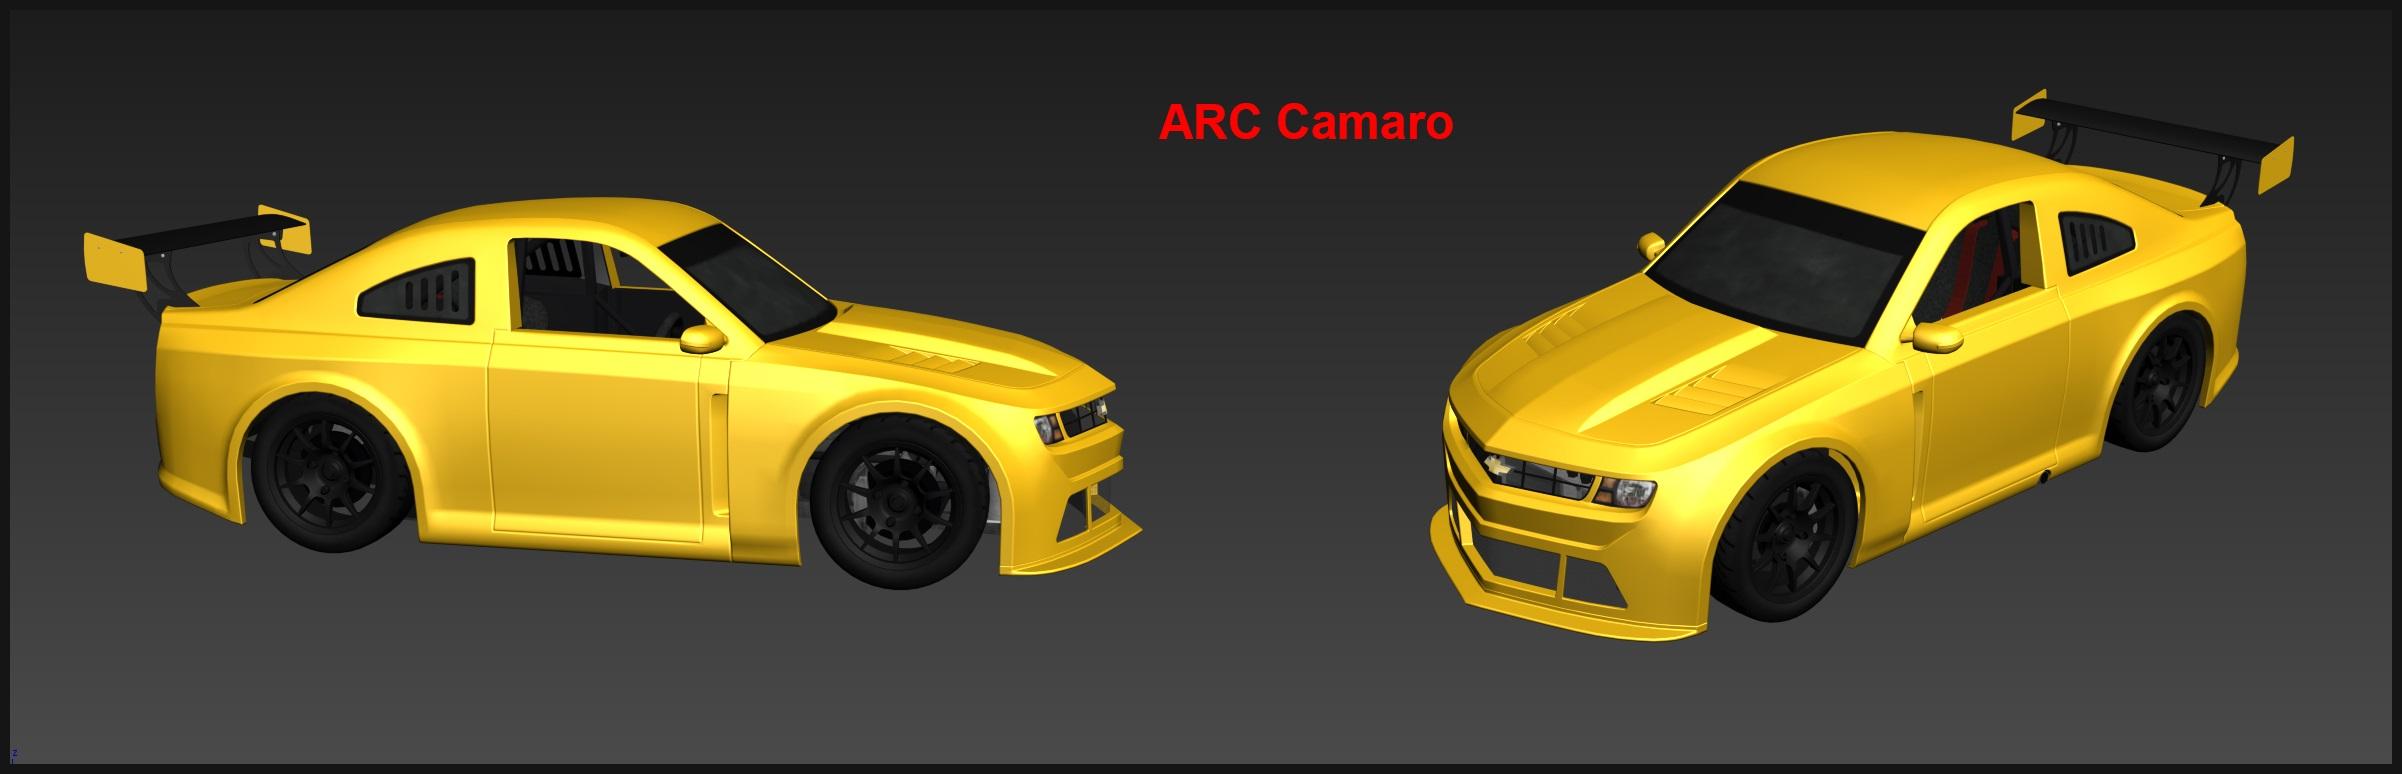 Automobilista ACR Camaro.jpg